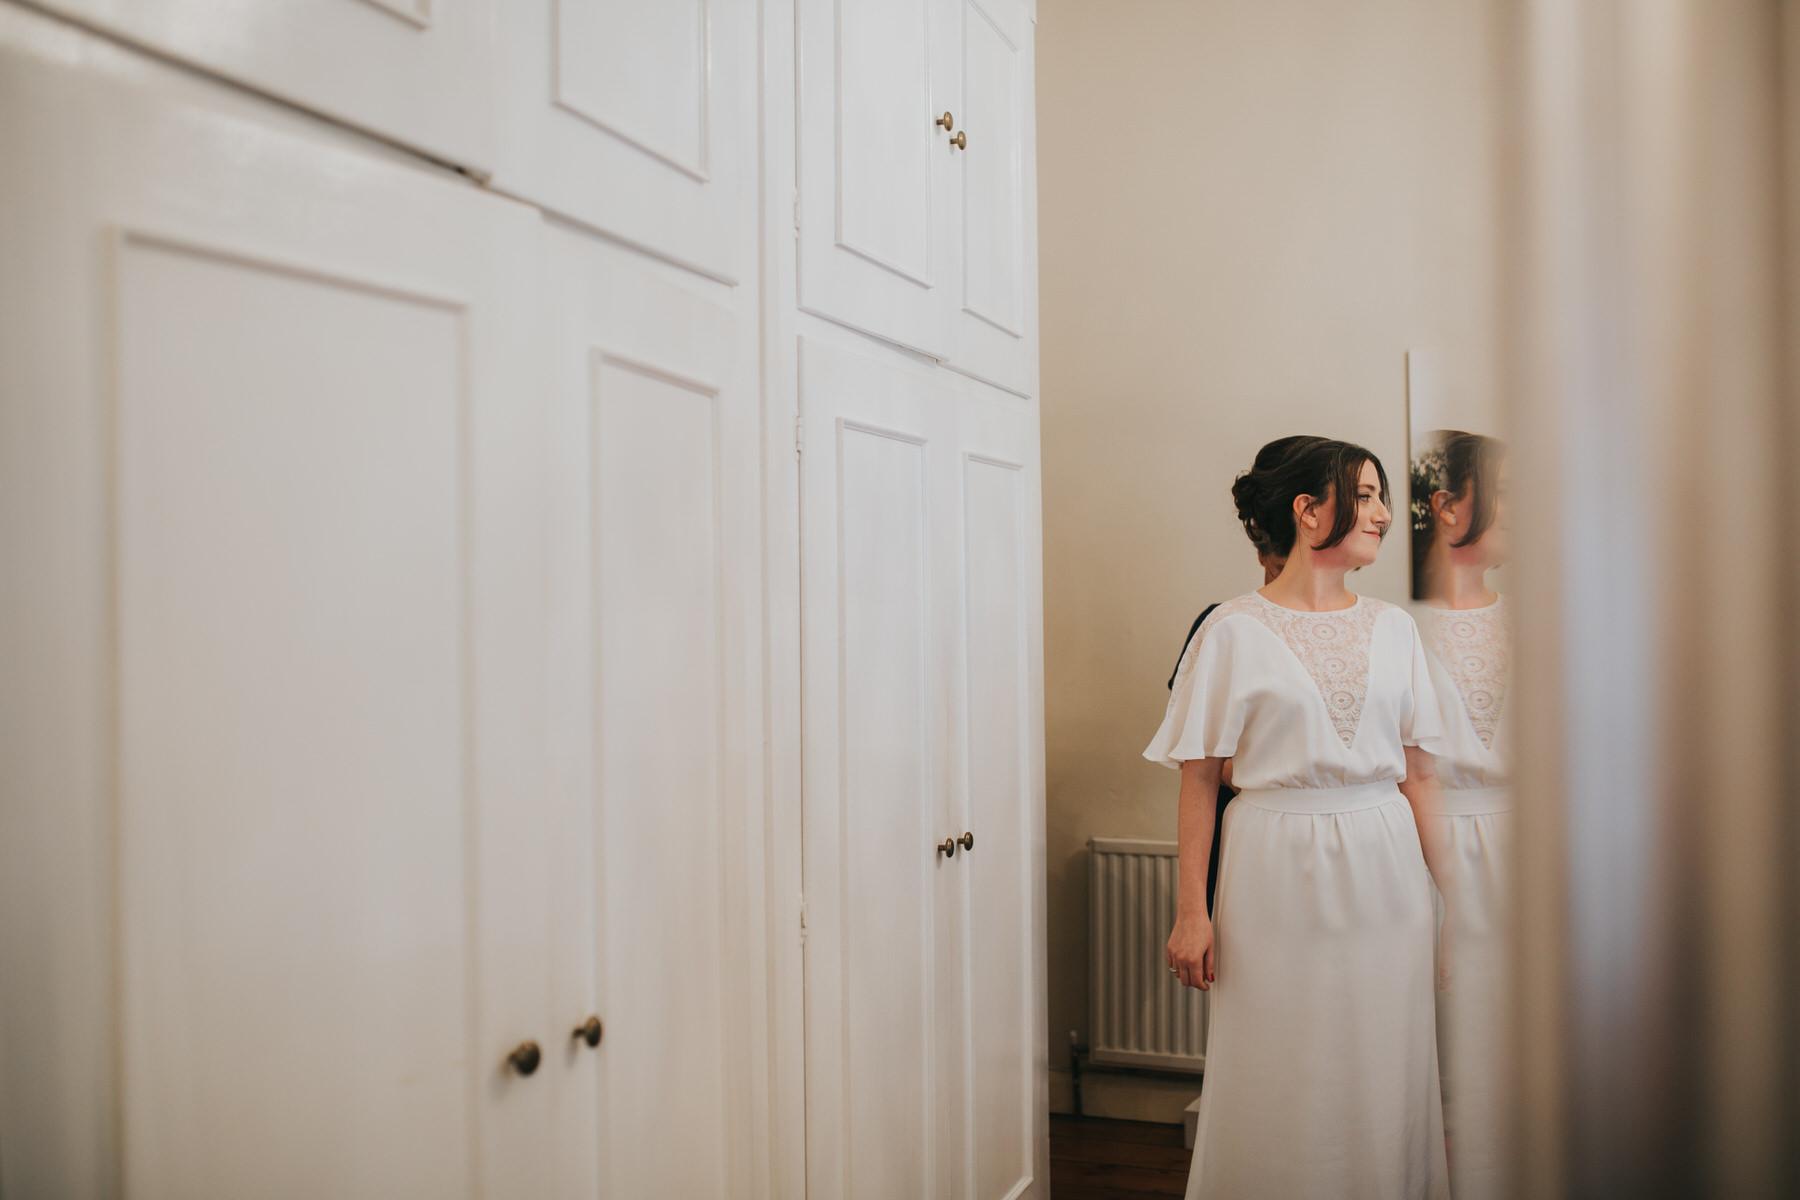 26-bride getting ready Minna wedding dress.jpg